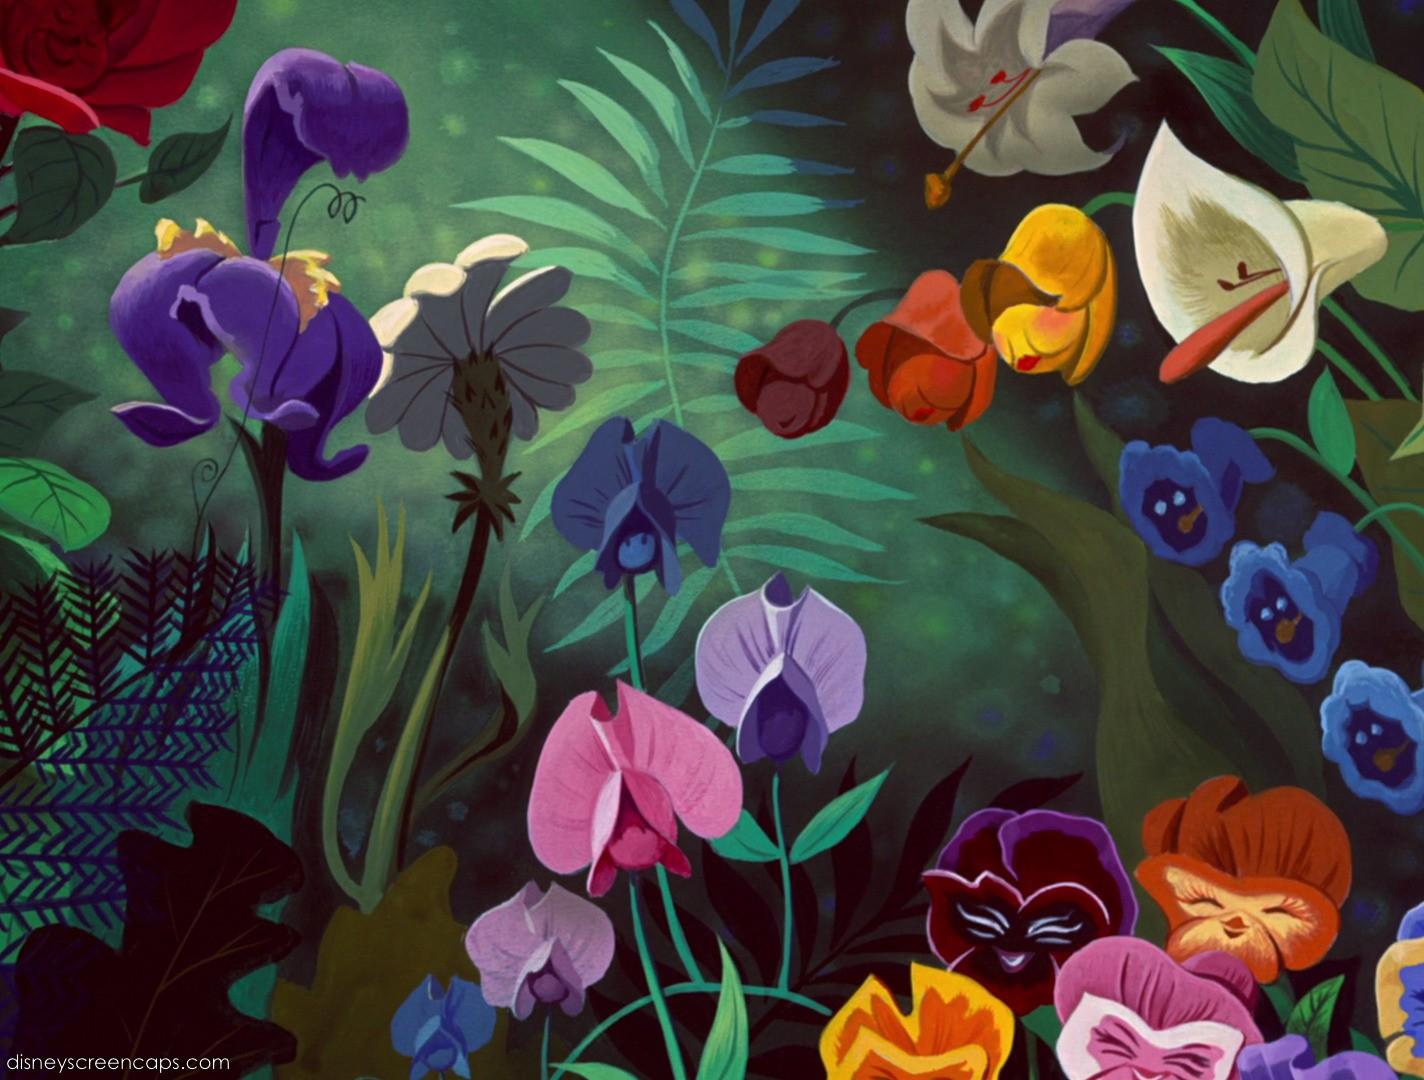 Alice in Wonderland Mary Blair inspired flowers Ink me